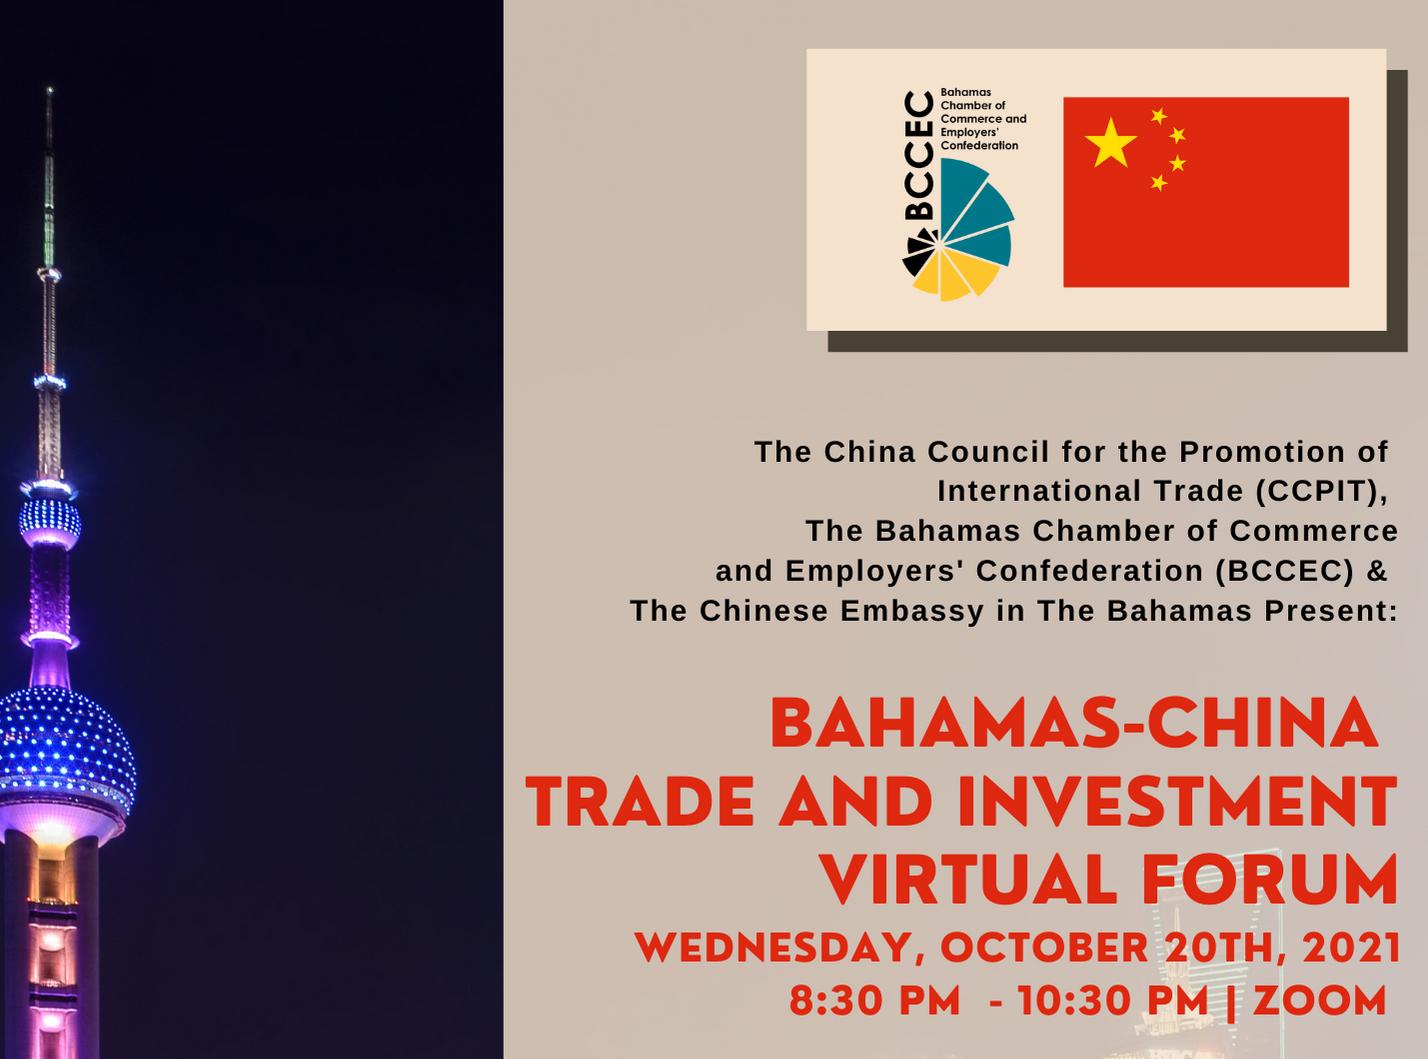 Bahamas-China Trade and Investment Virtual Forum